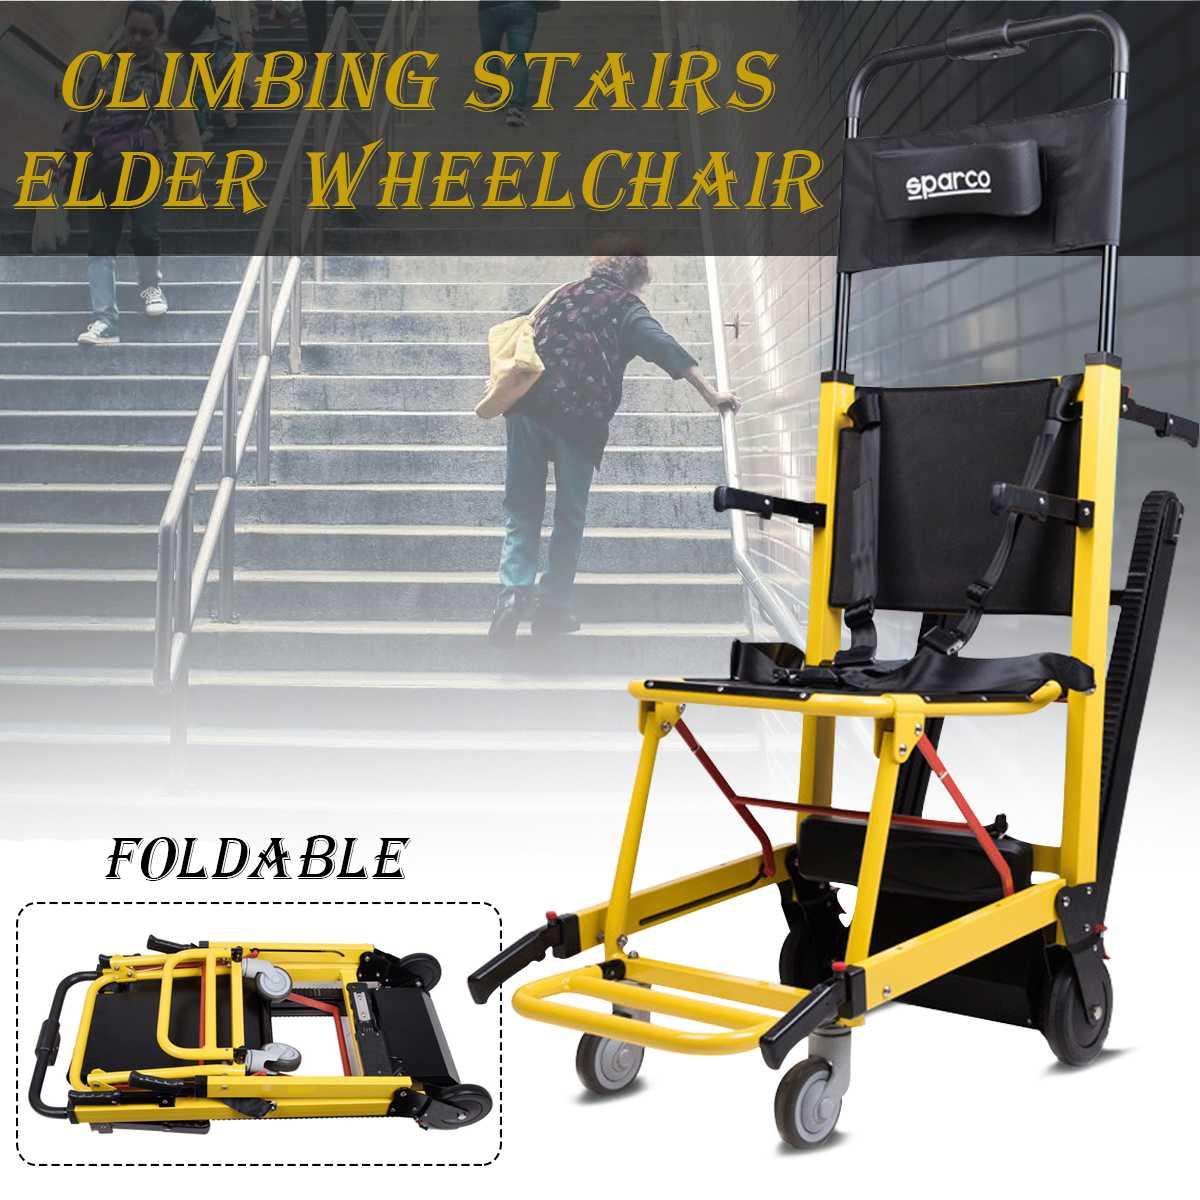 Складной легкая инвалидная коляска для старшего инвалидов старейшина моторизованный восхождение подъемный стул Лифт кресло коляскы до Ле